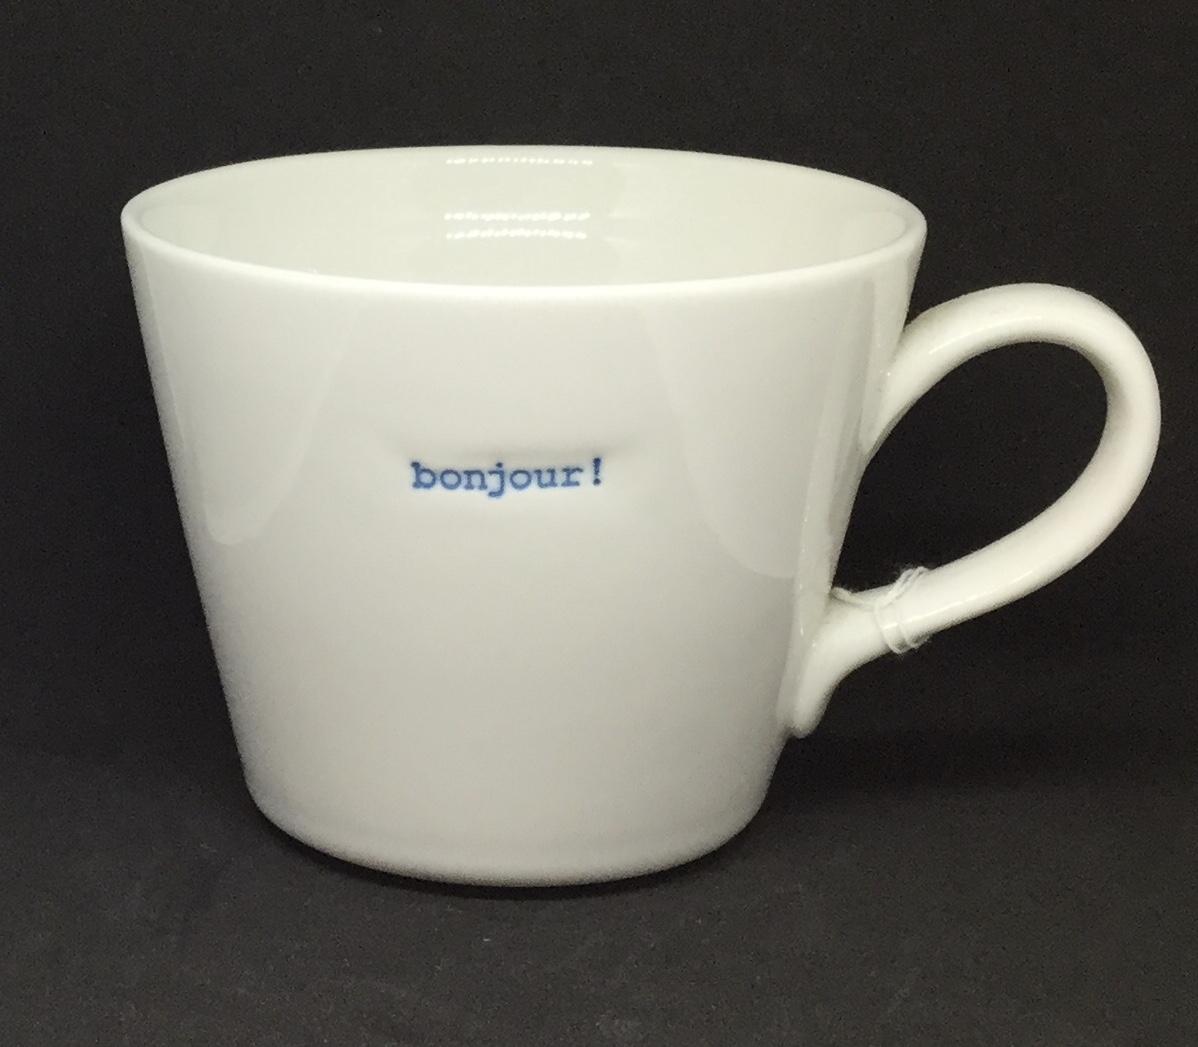 'Bonjour' fine bone China mug